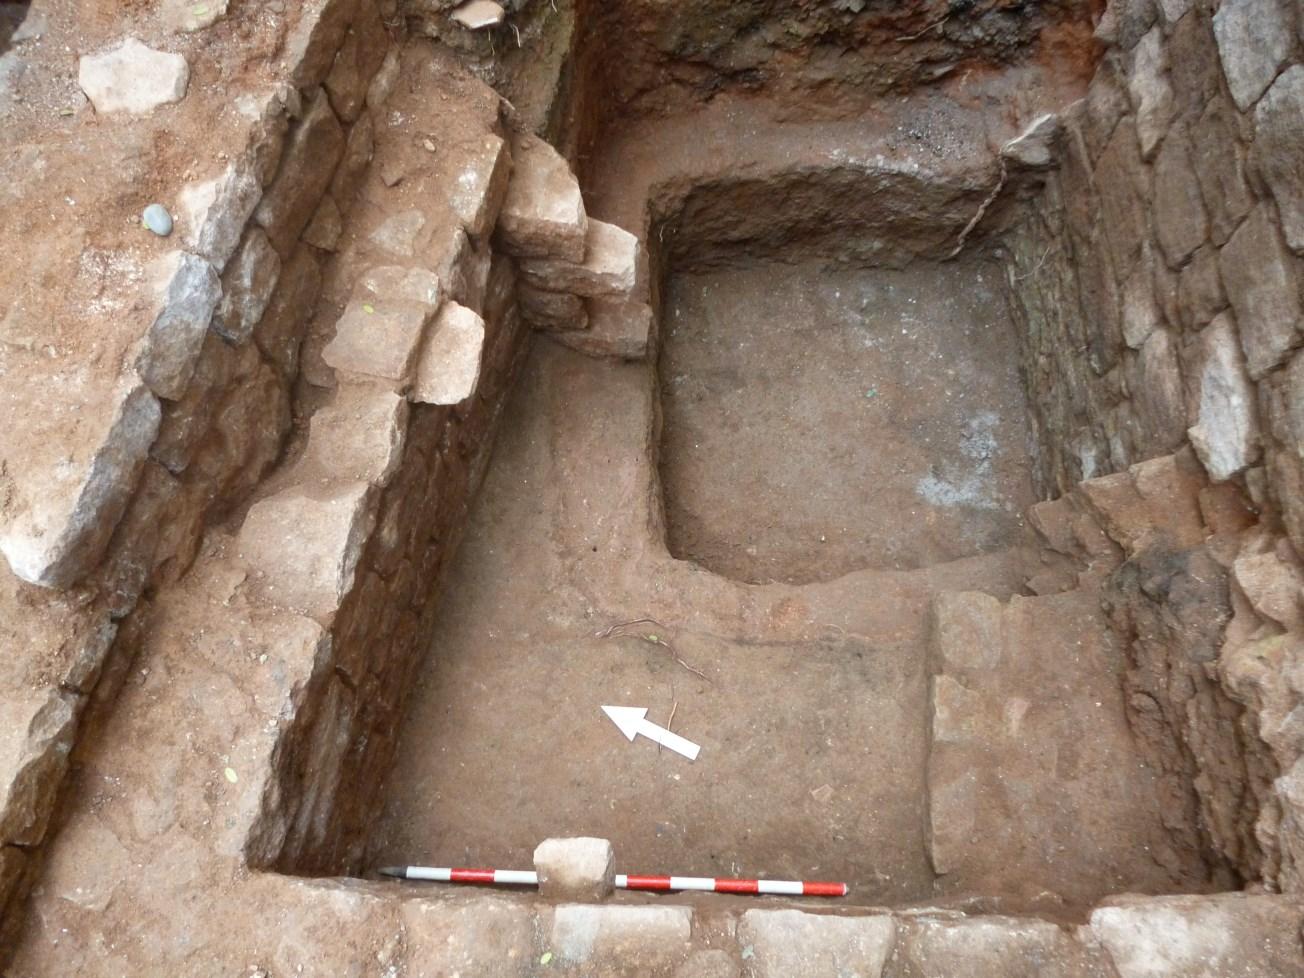 Dipòsit corresponent al s. XIV, seccionat arran de la construcció de les estructures del segle XVII. Foto: Esteve Nadal